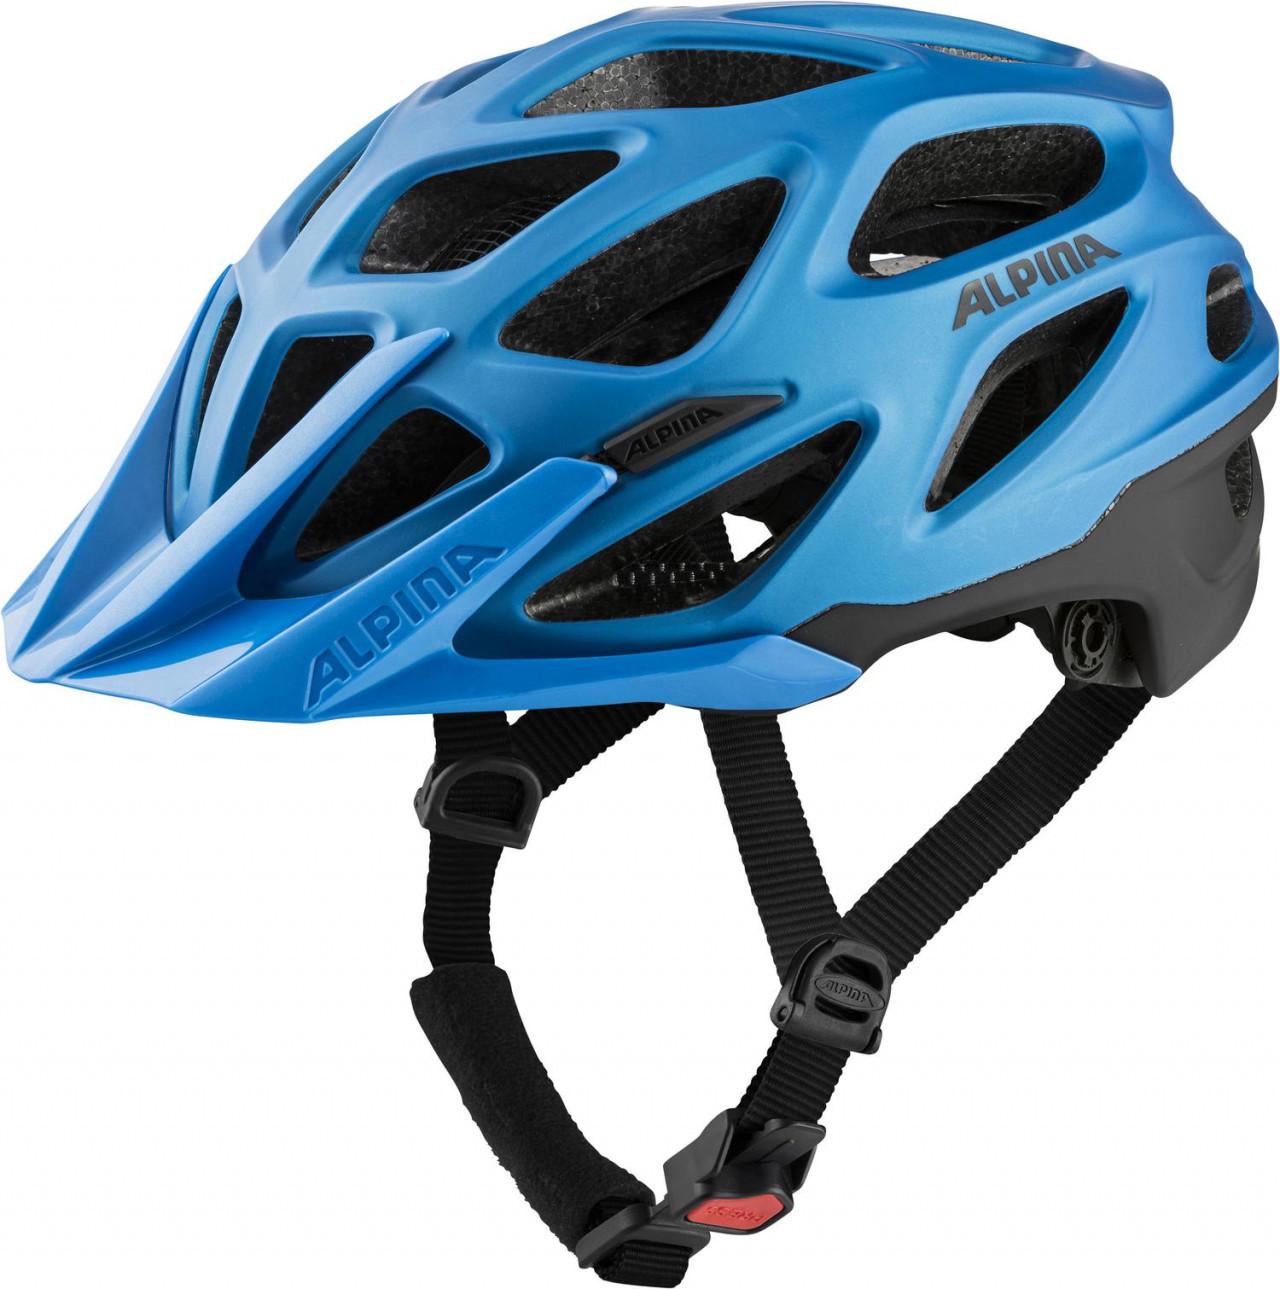 ALPINA Cyklistická prilba MYTHOS 3.0 L.E. true-blue mat Veľkosť : M